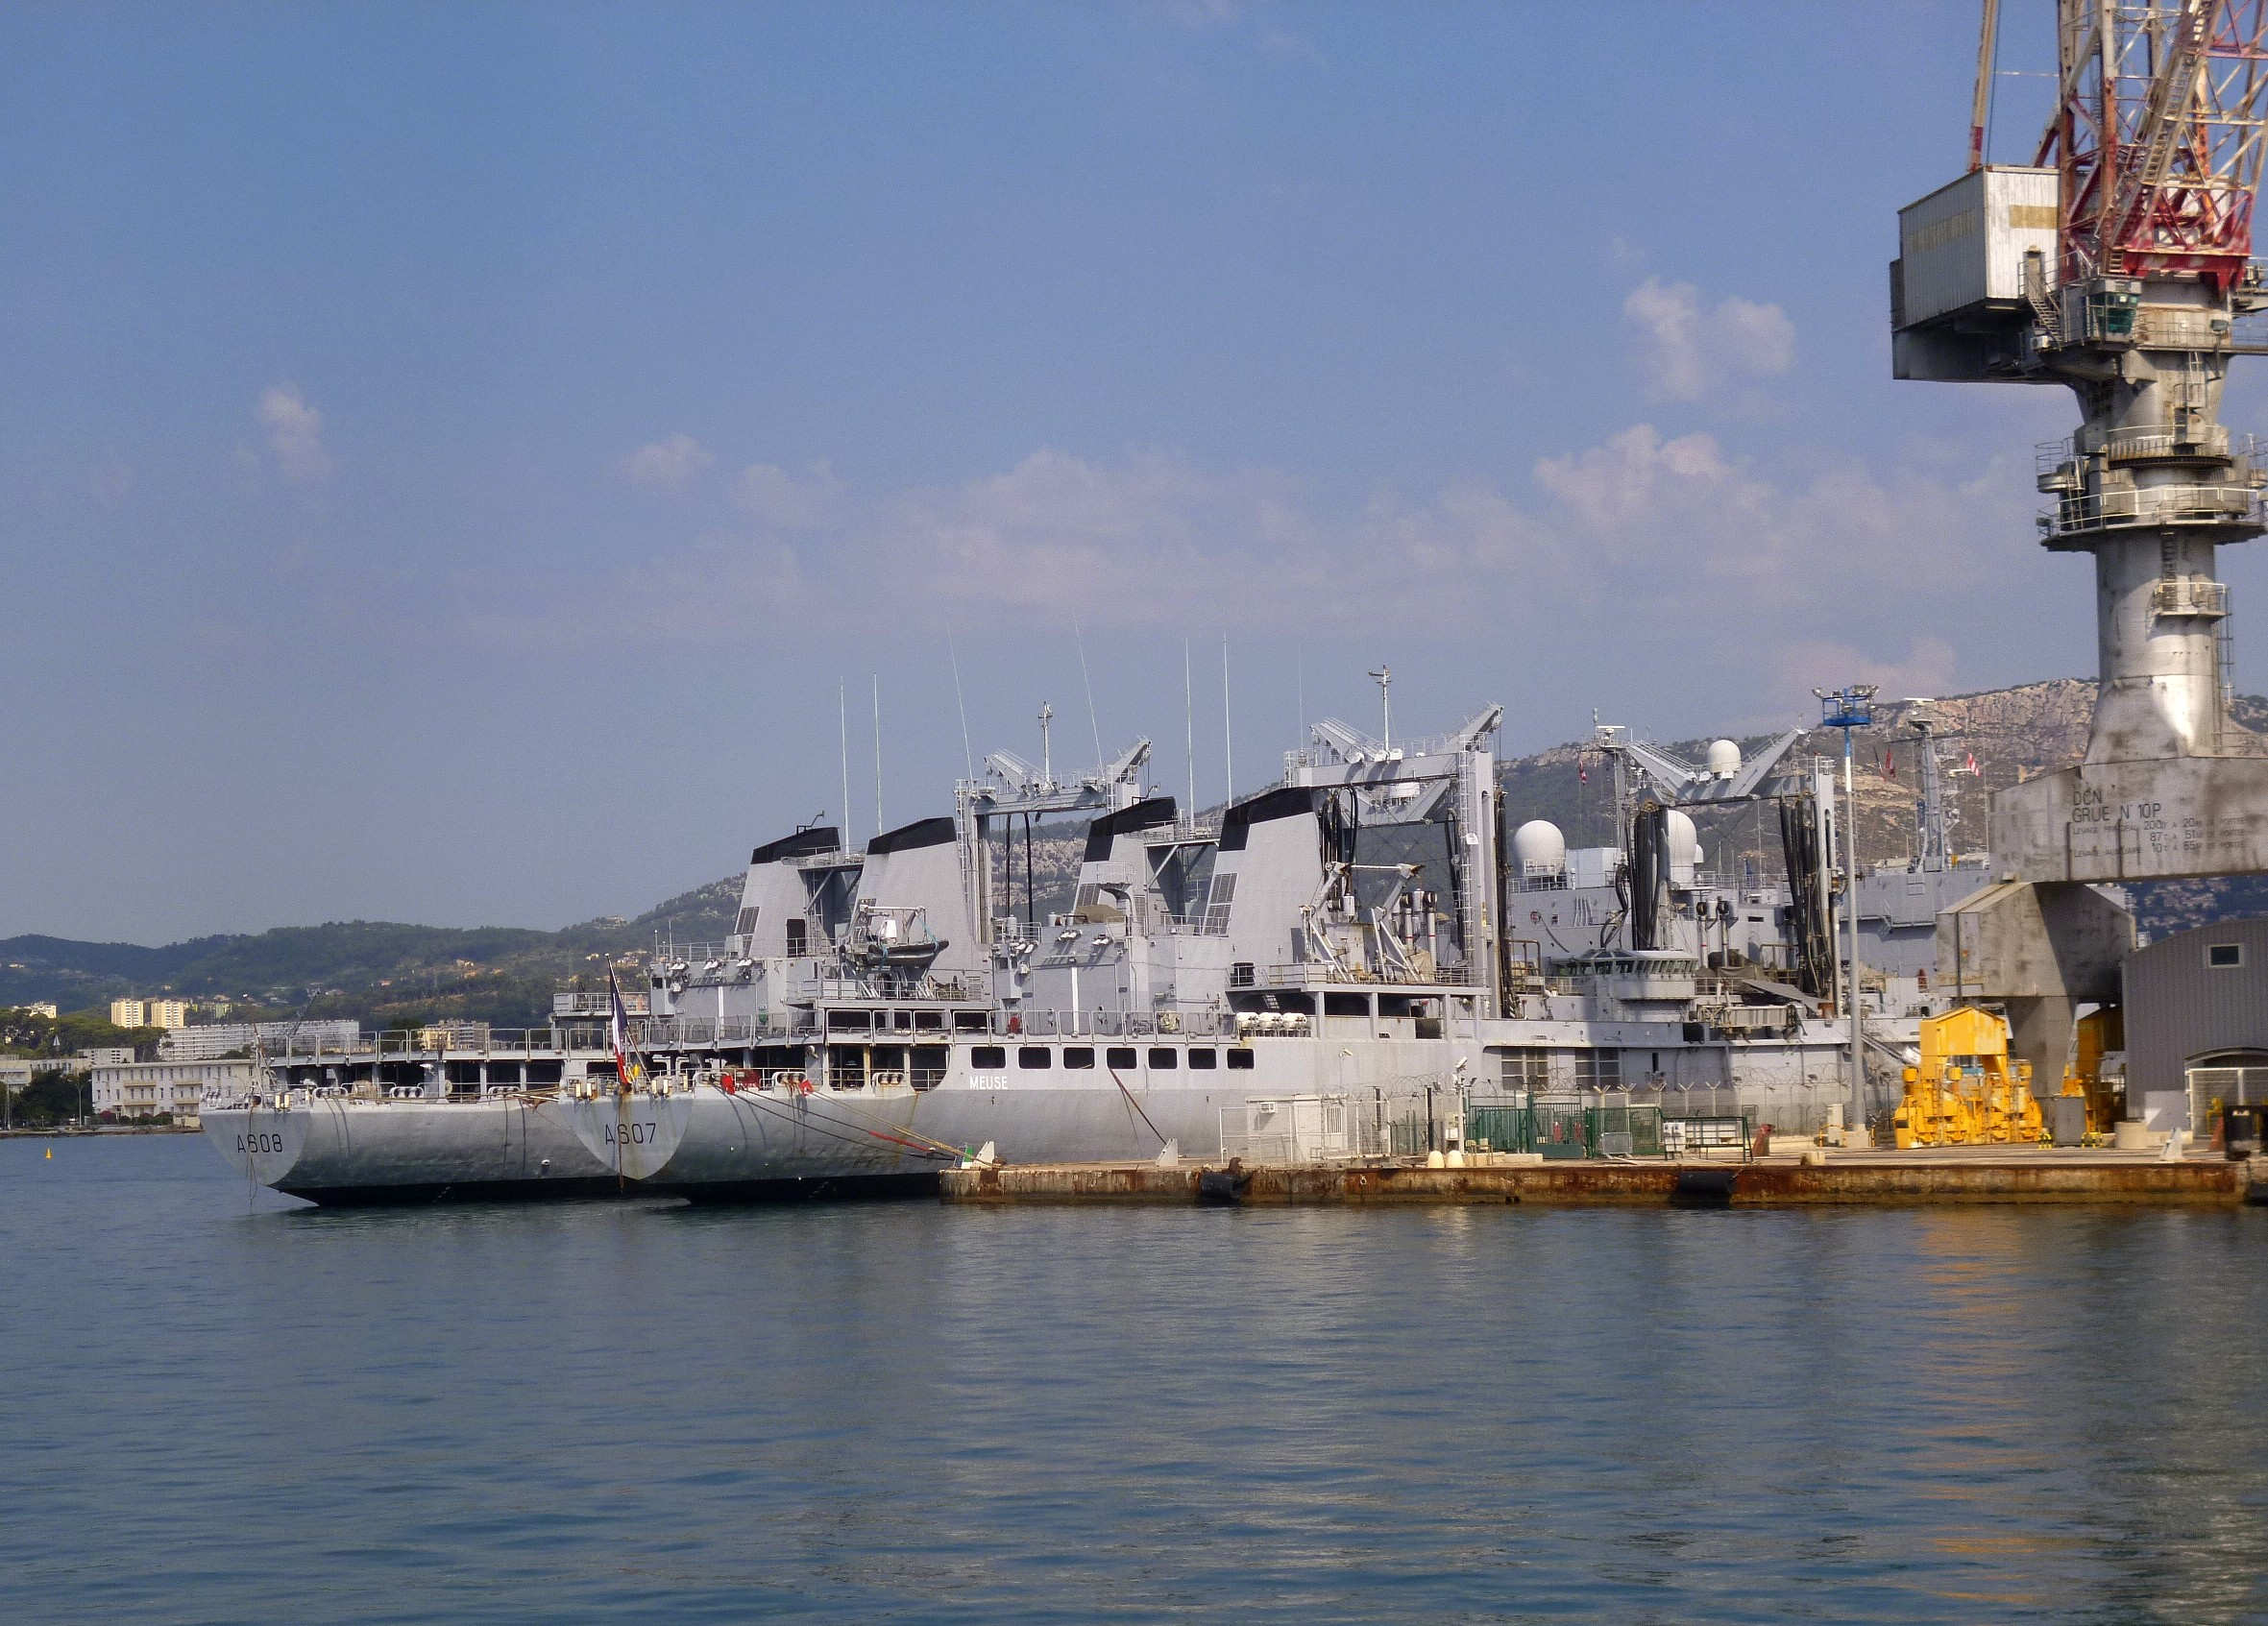 Les news en images du port de TOULON - Page 37 9565027668_3d1d7a03dd_o